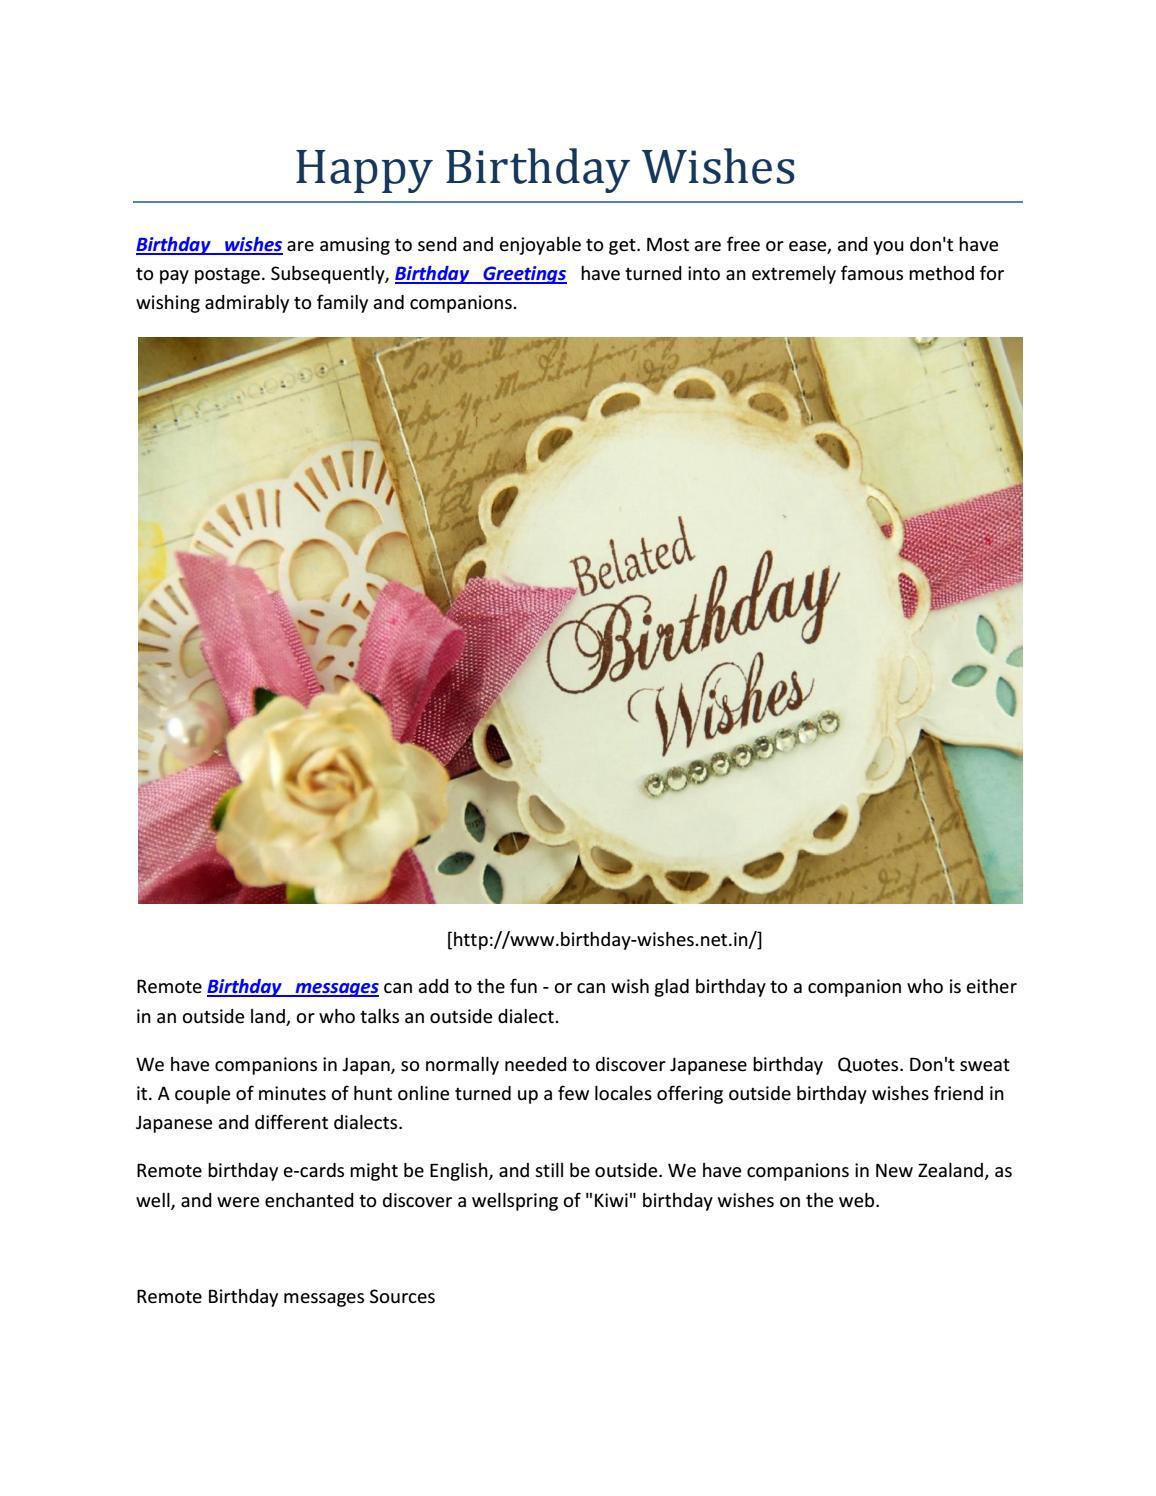 Happy Birthday Wishes By Wholesalecatalog